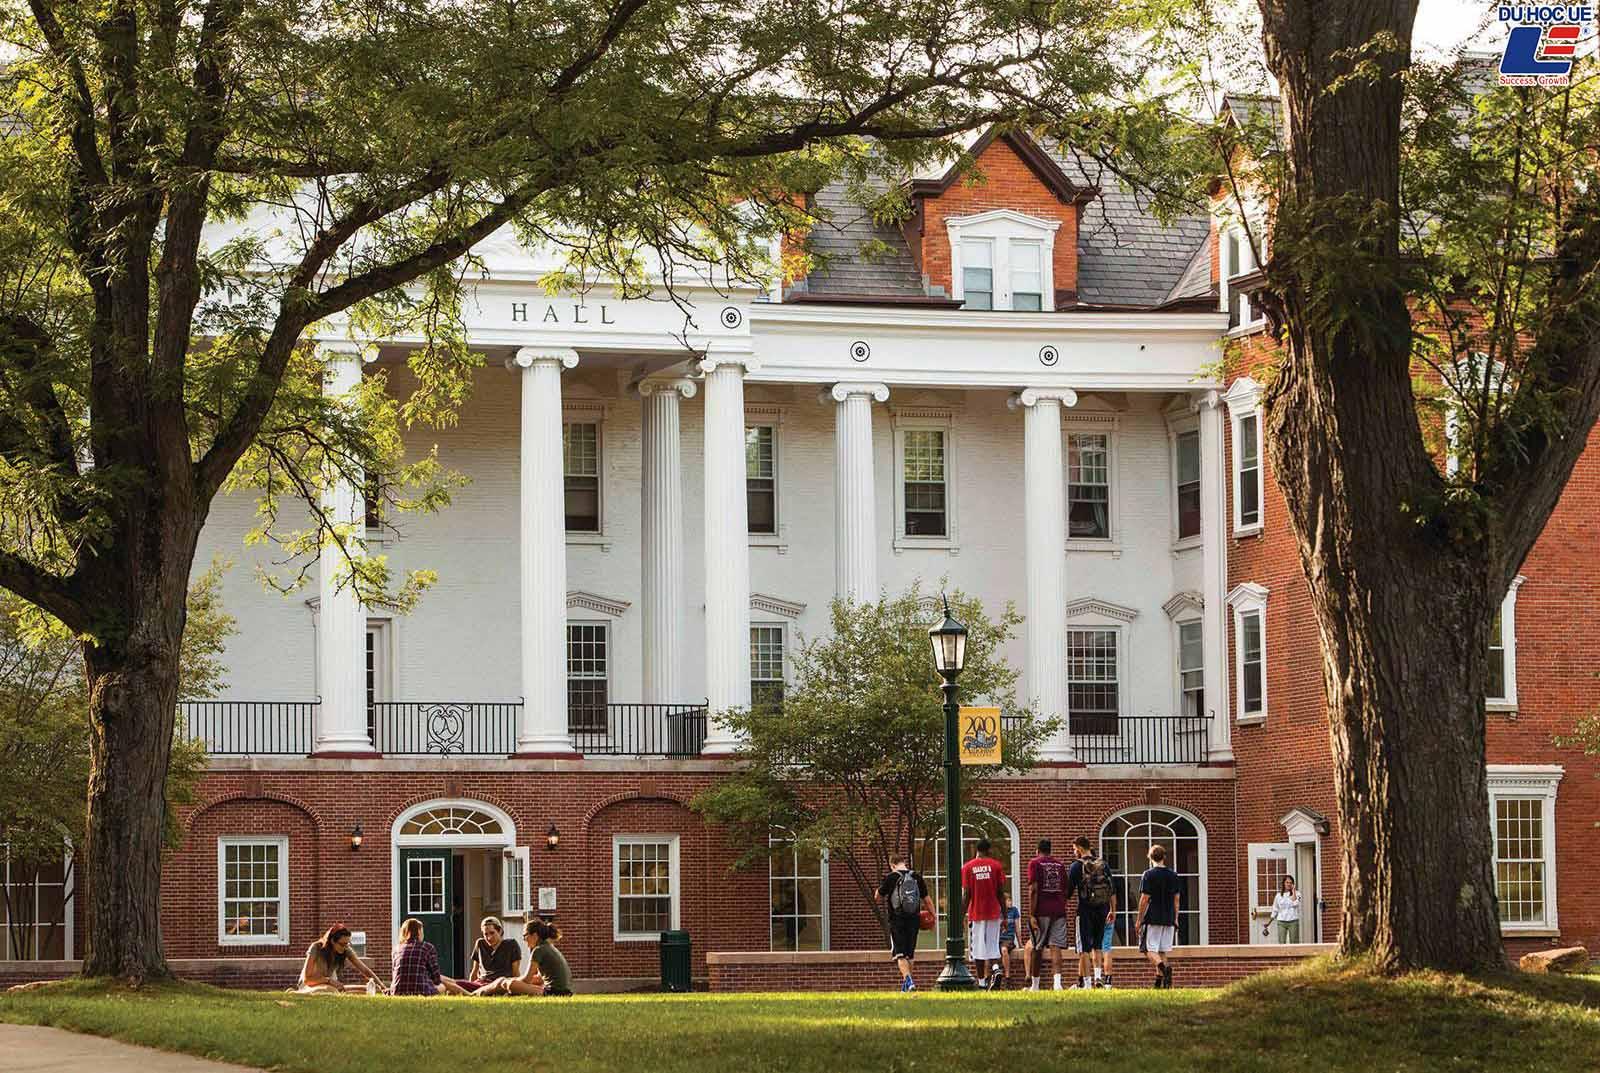 Cơ hội săn học bổng tại Allegheny College - Trường cao đẳng thuộc 1% những trường lâu đời nhất nước Mỹ 3